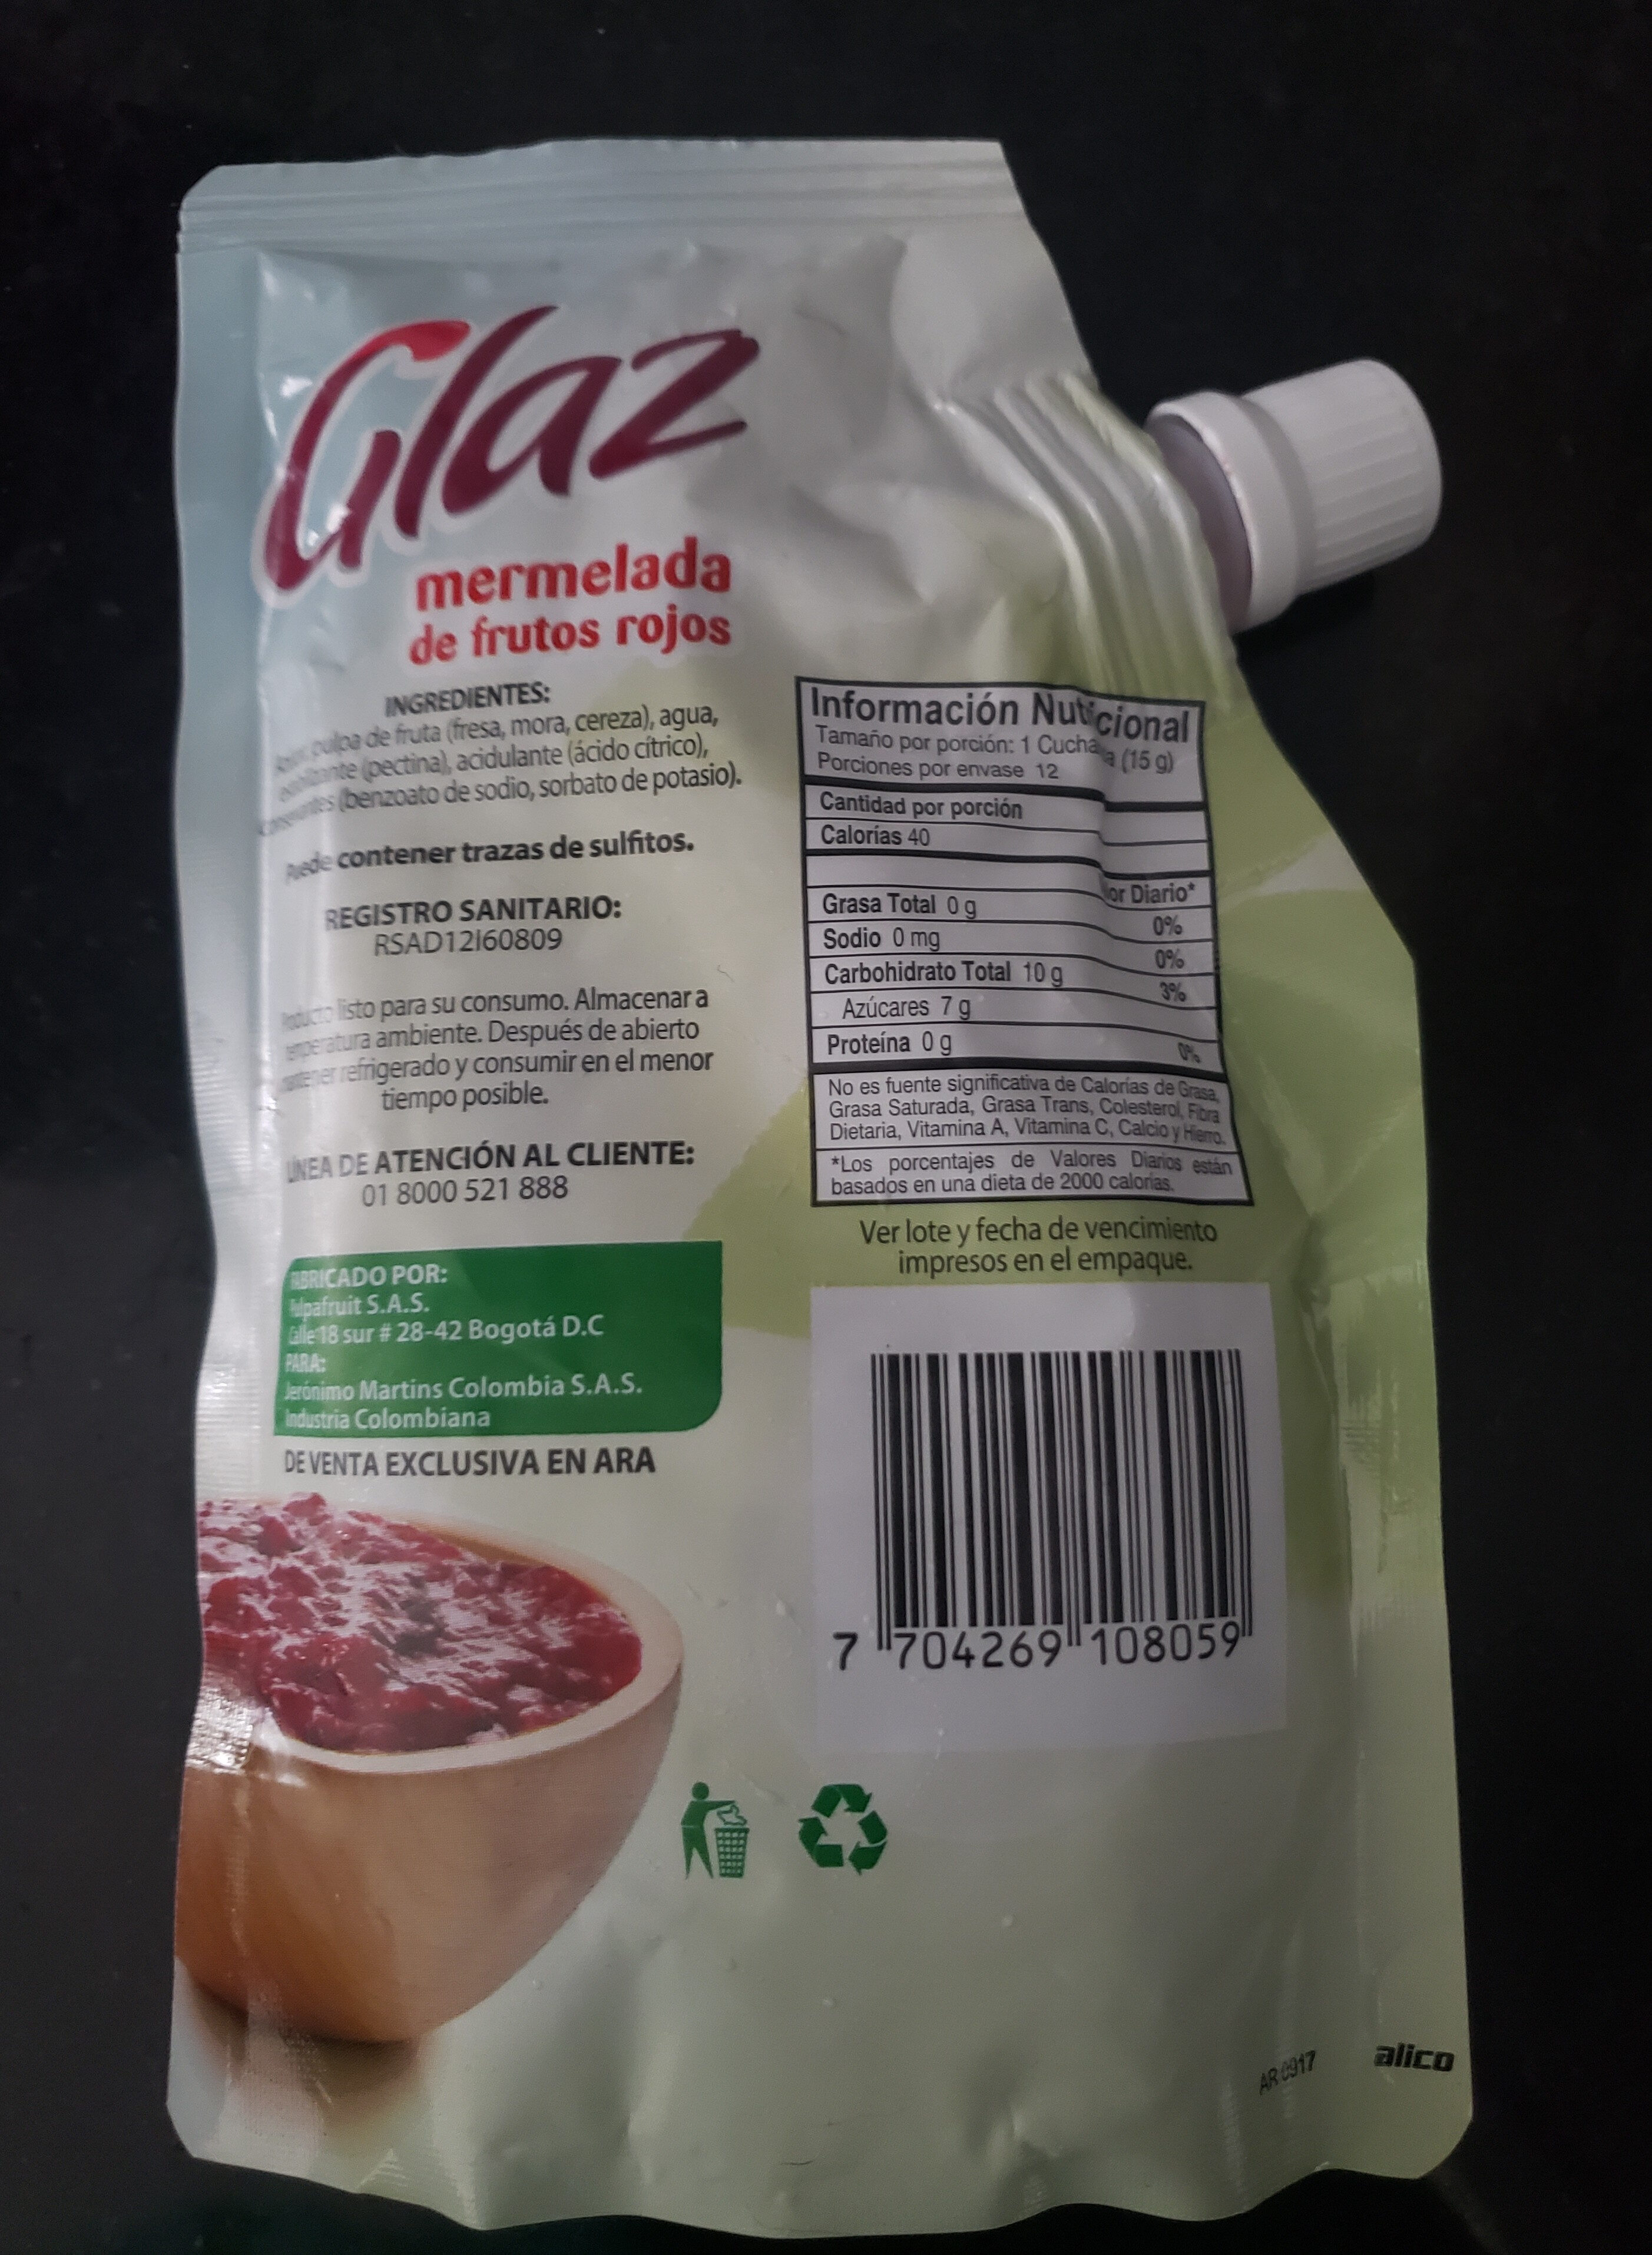 Mermelada de frutos rojos - Product